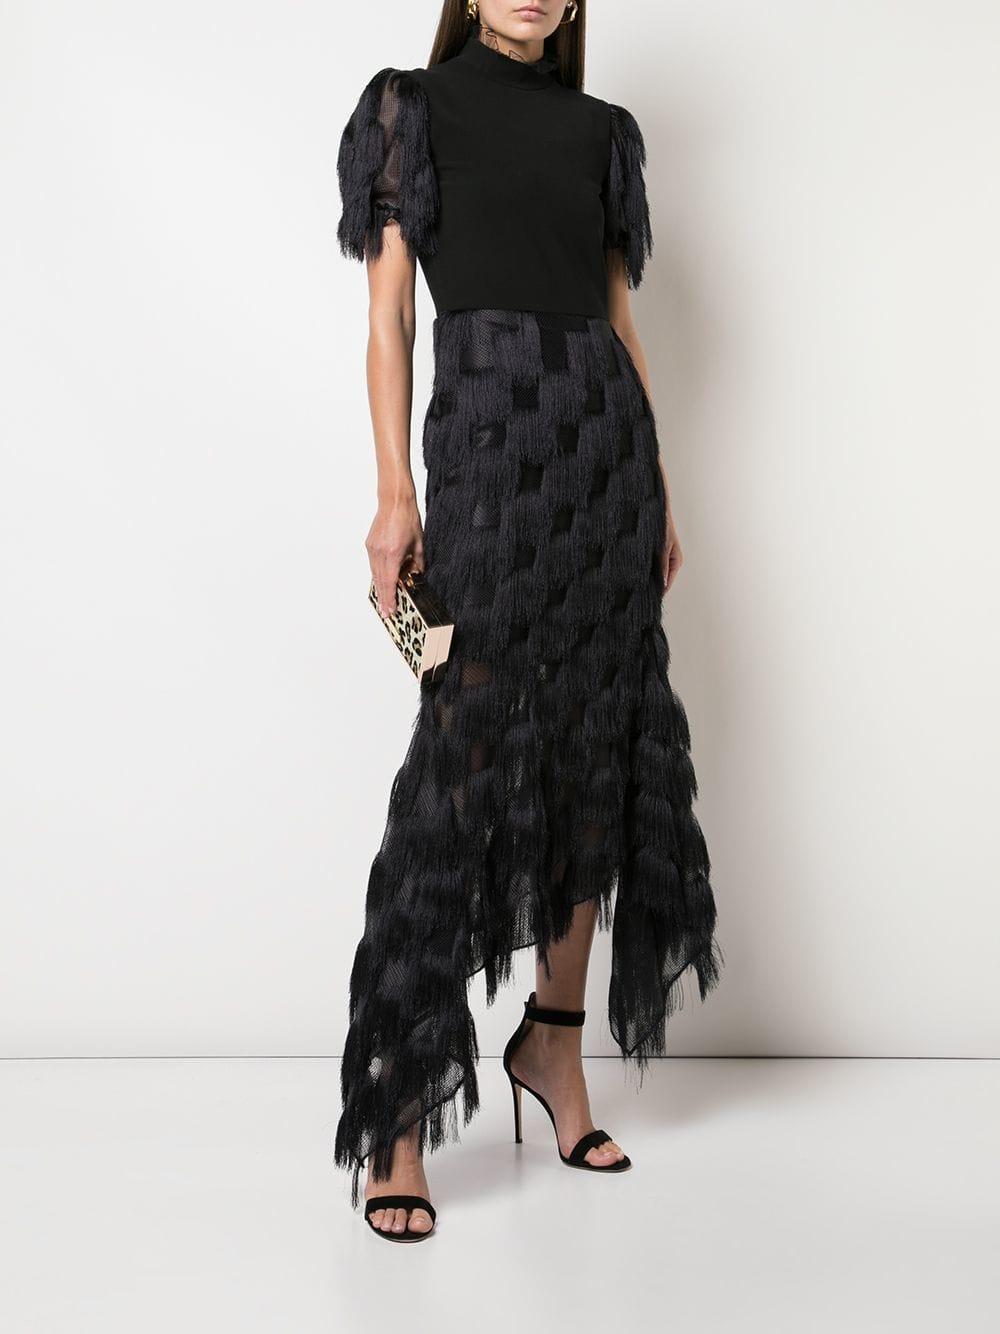 7637671b2c9a6a Lyst - Christian Siriano Fringed Asymmetric Hem Dress in Black